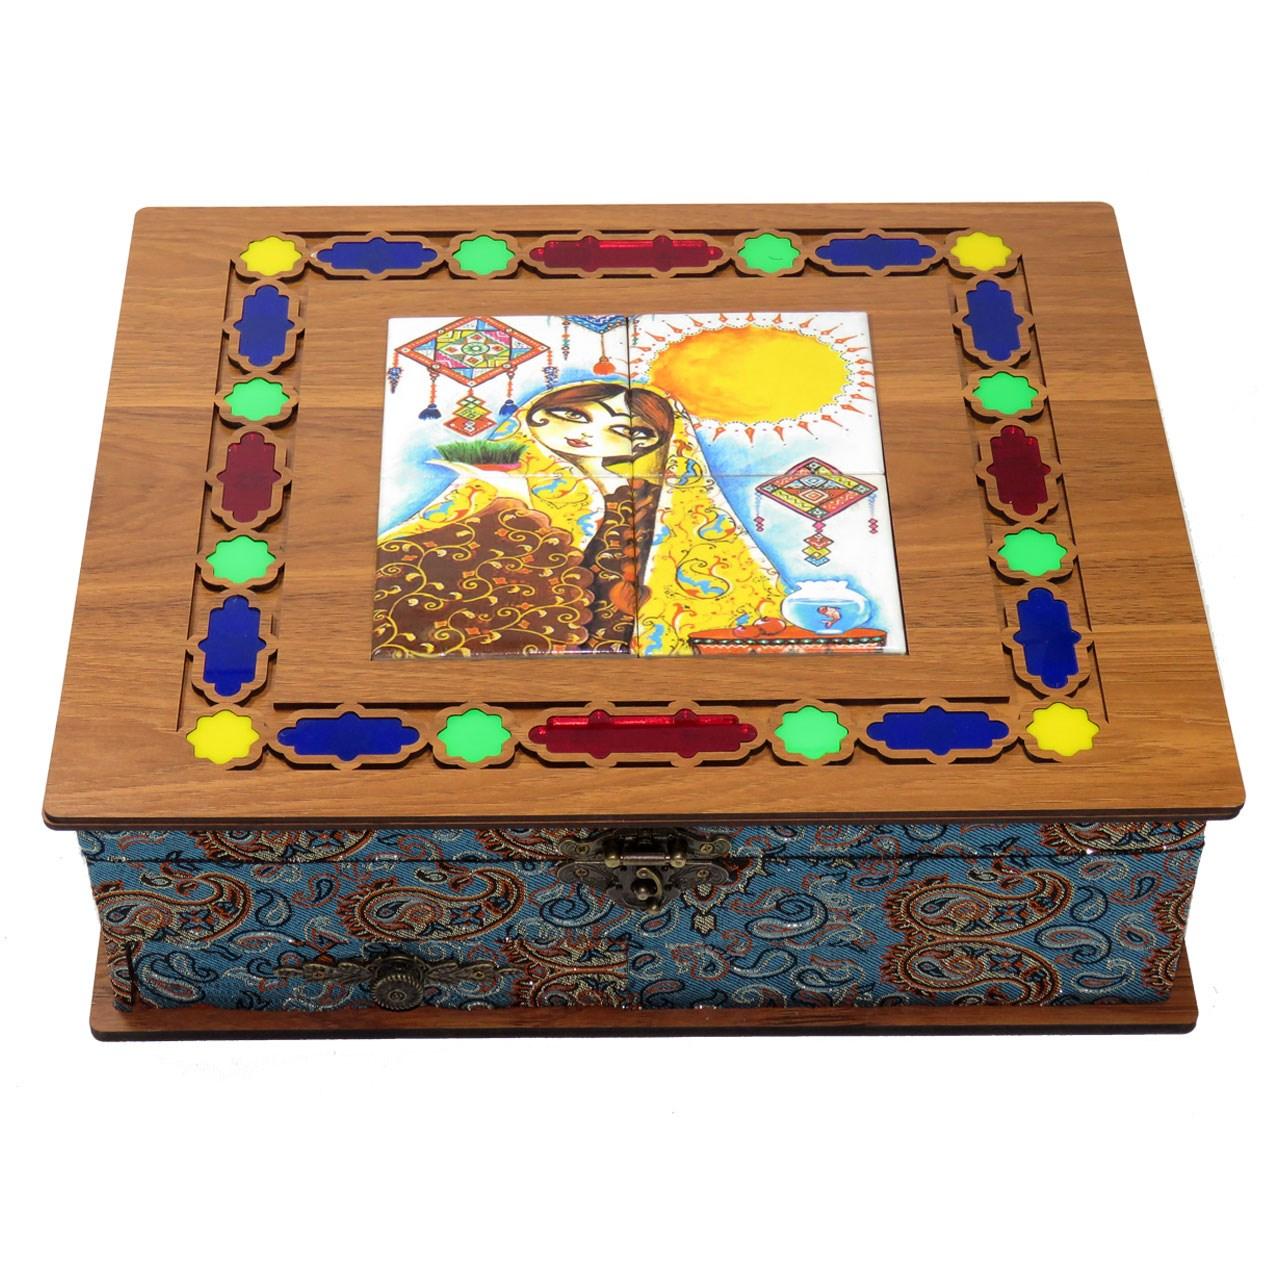 جعبه پذیرایی دمنوش چایی کیسه ای لوکس باکس مدل خاتون کد LB12